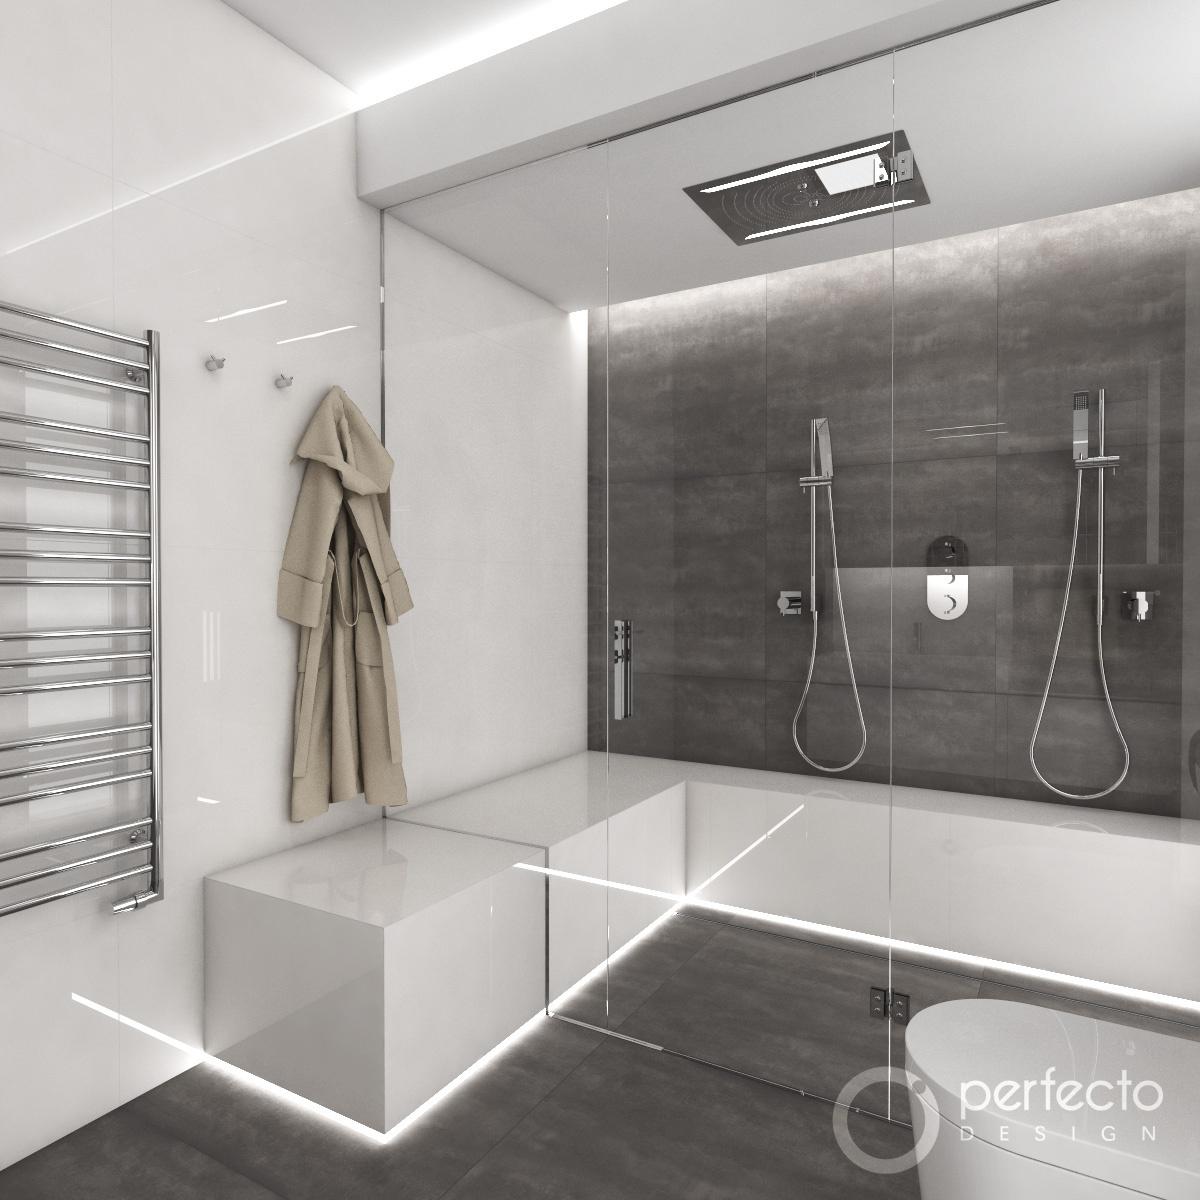 Modernes Badezimmer modernes badezimmer minimal perfecto design